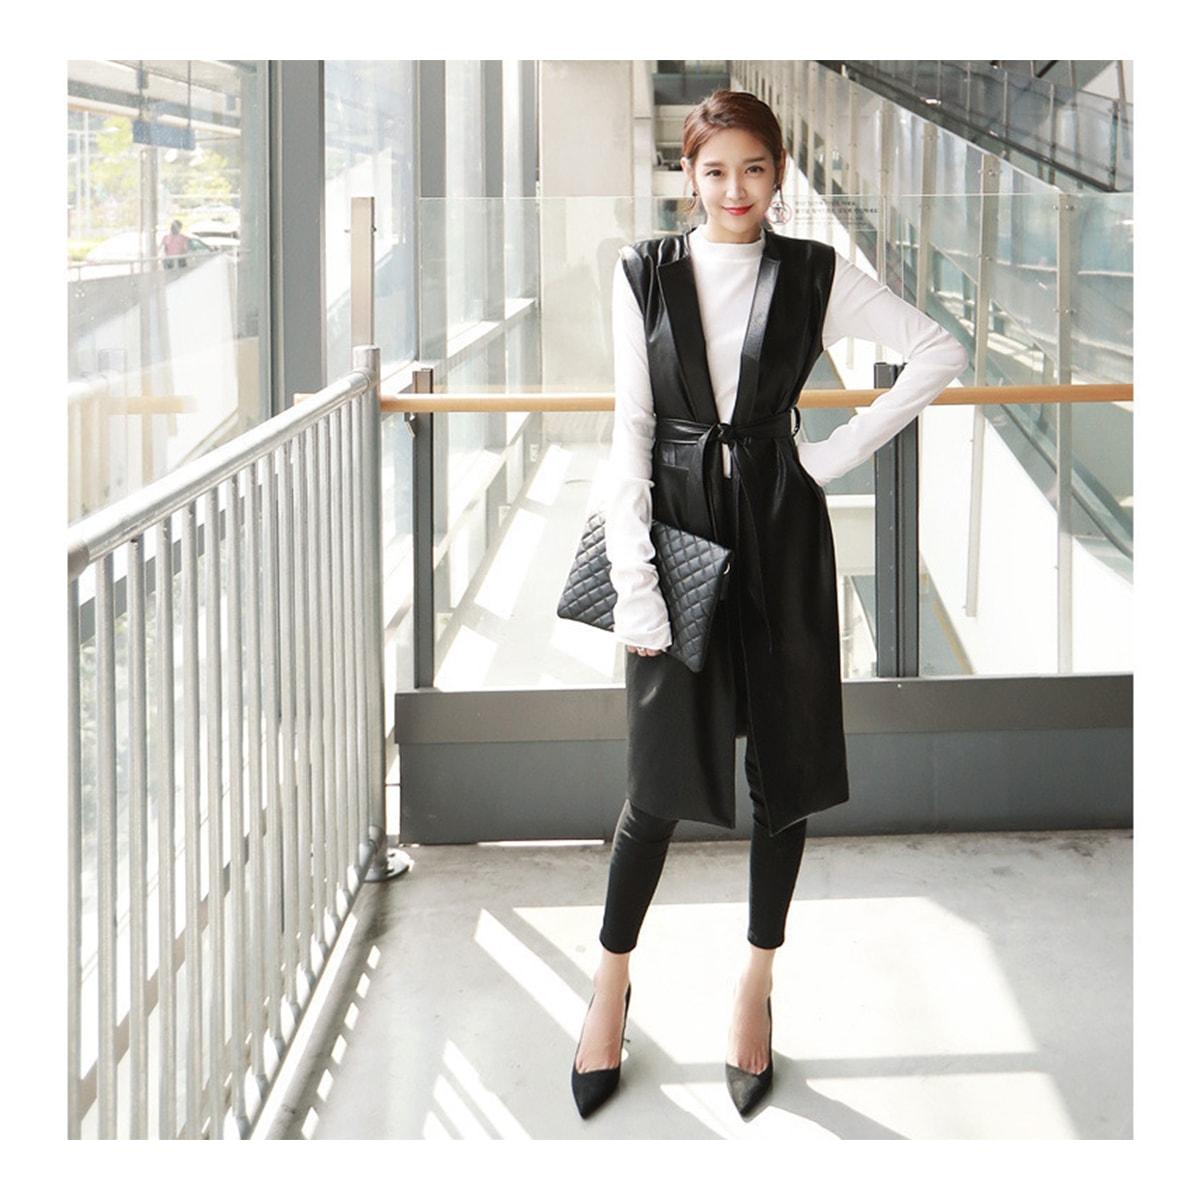 韩国正品 MAGZERO 帅气无领人造革背心夹克带黑色腰带 #均码(S-M) [免费配送] 怎么样 - 亚米网